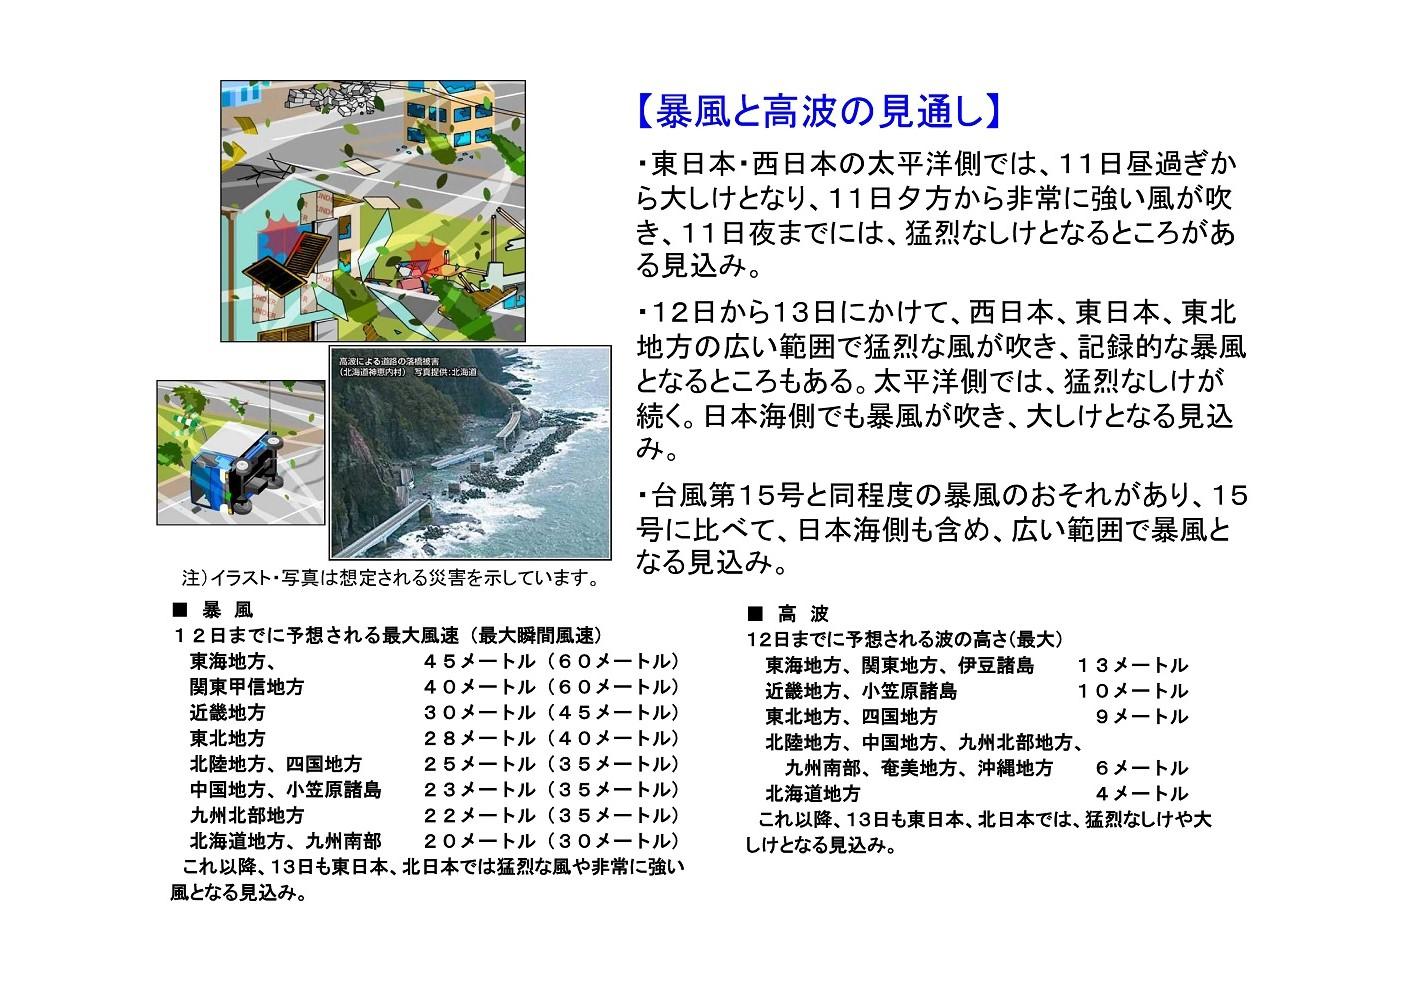 【気象庁連絡事項】資料-2